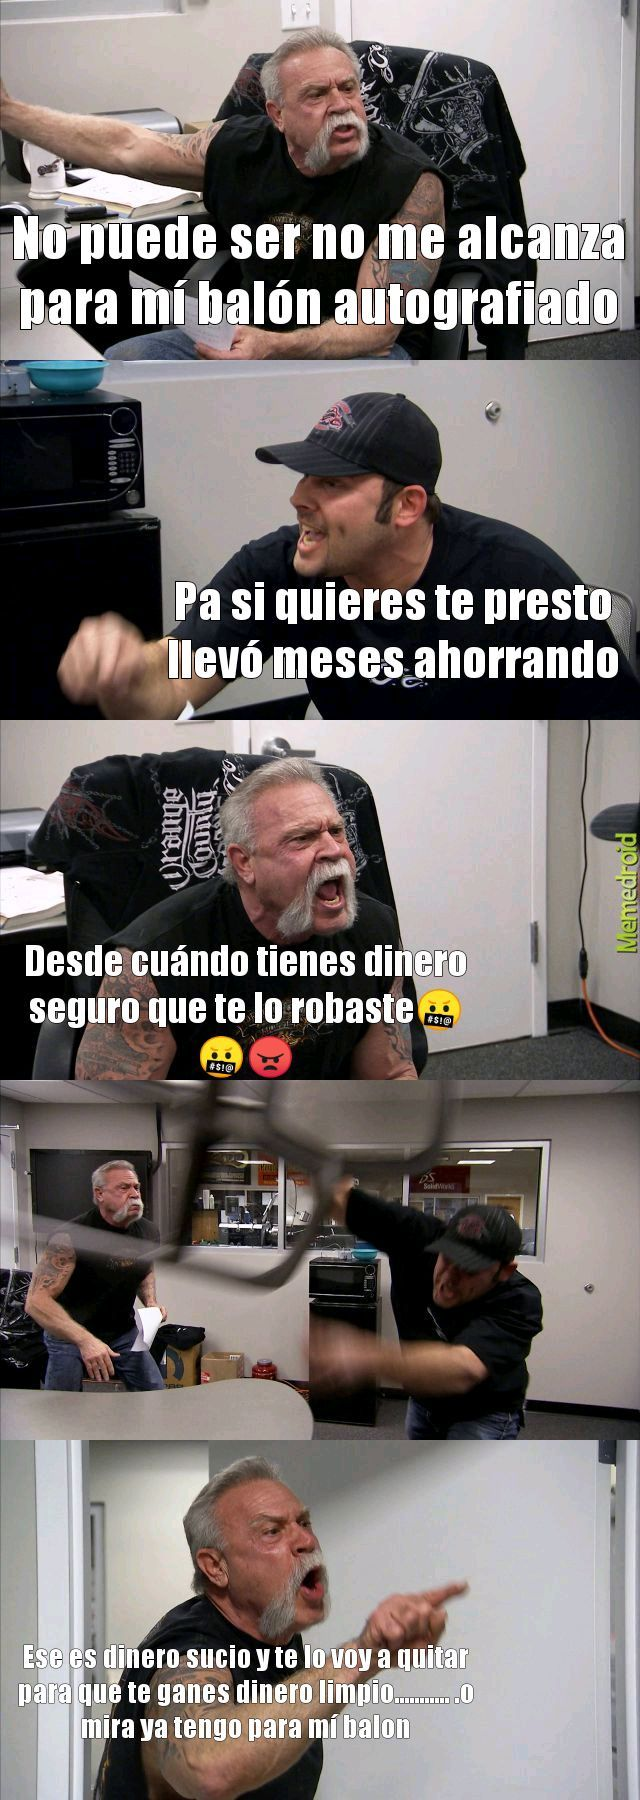 Ahorro - meme